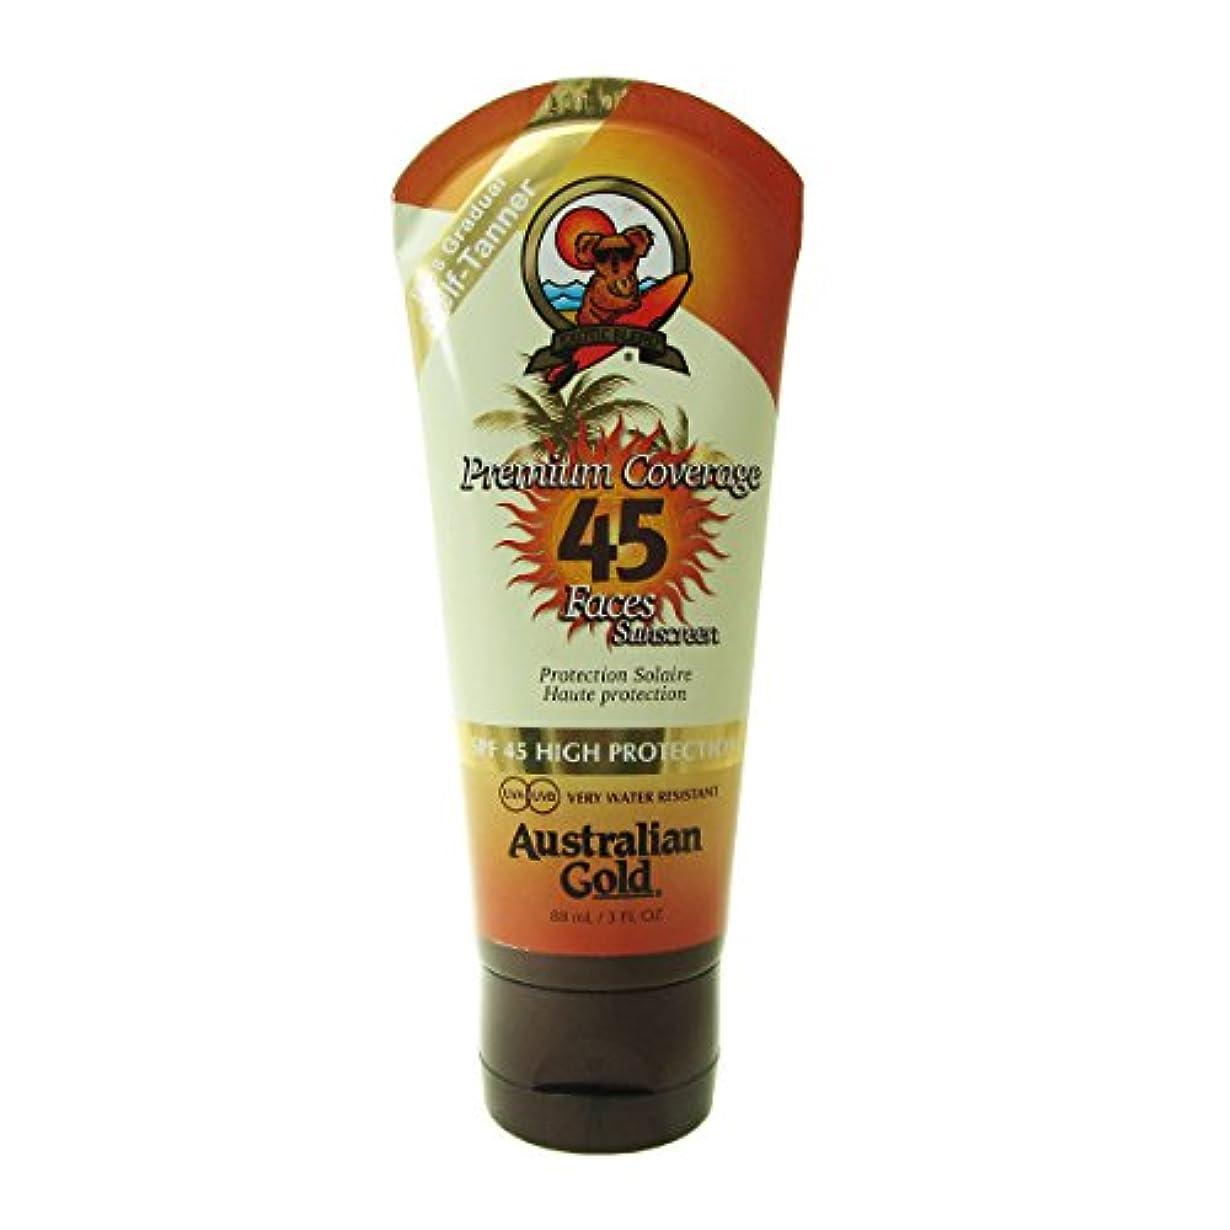 運ぶ休眠吸収Australian Gold Sunscreen Spf 45 With Self-tanner 88ml [並行輸入品]